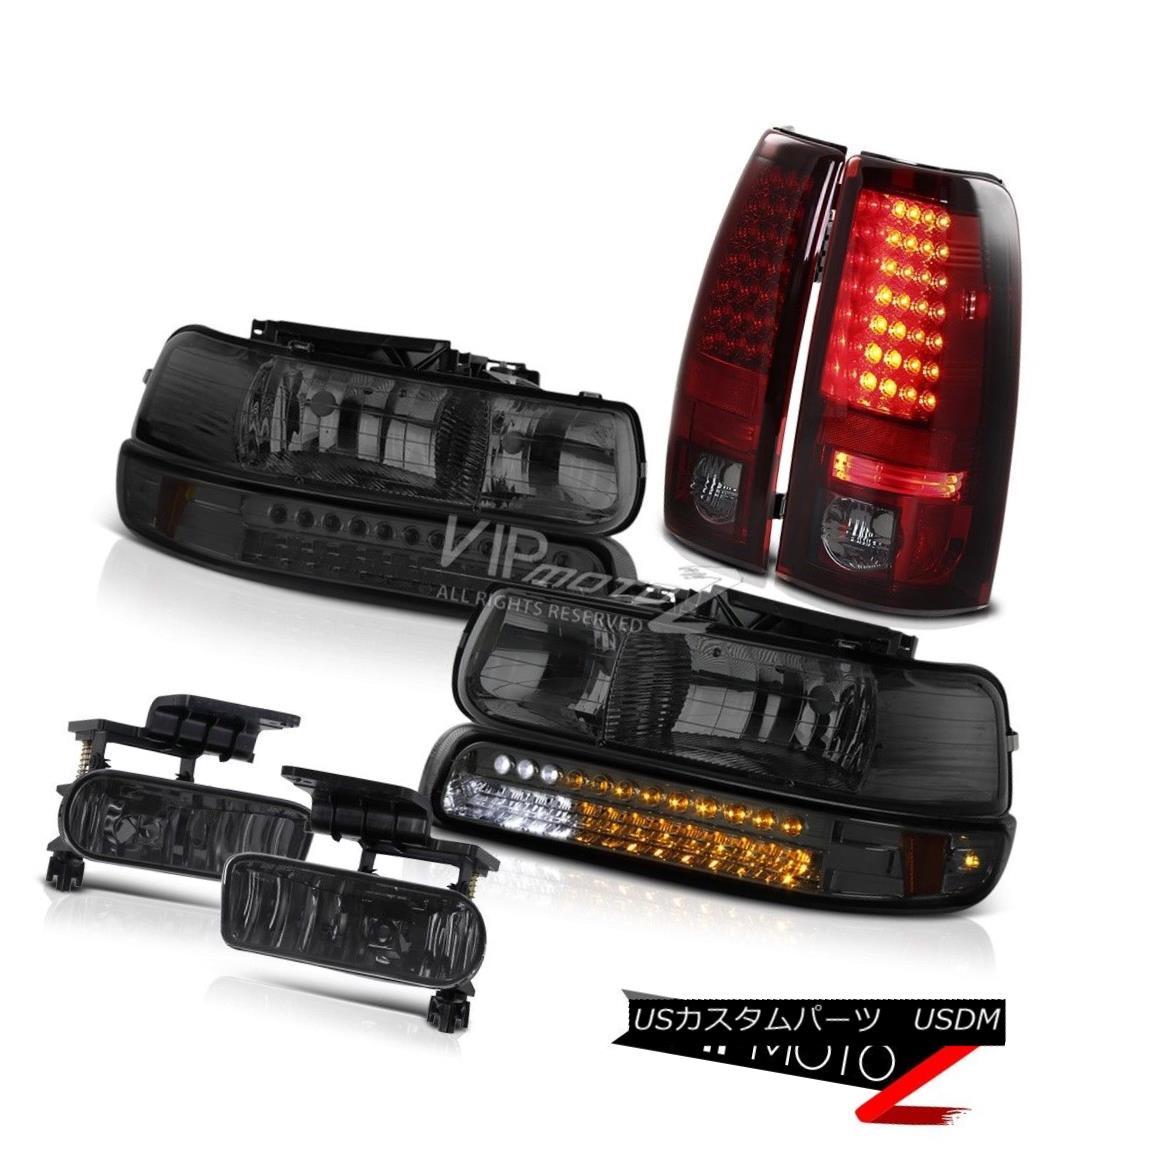 ヘッドライト 99-2002 Chevy Silverado 2500HD Bumper LED Headlights Bulbs Tail Lights Foglights 99-2002シボレーシルバラード2500HDバンパーLEDヘッドライト電球テールライトフォグライト